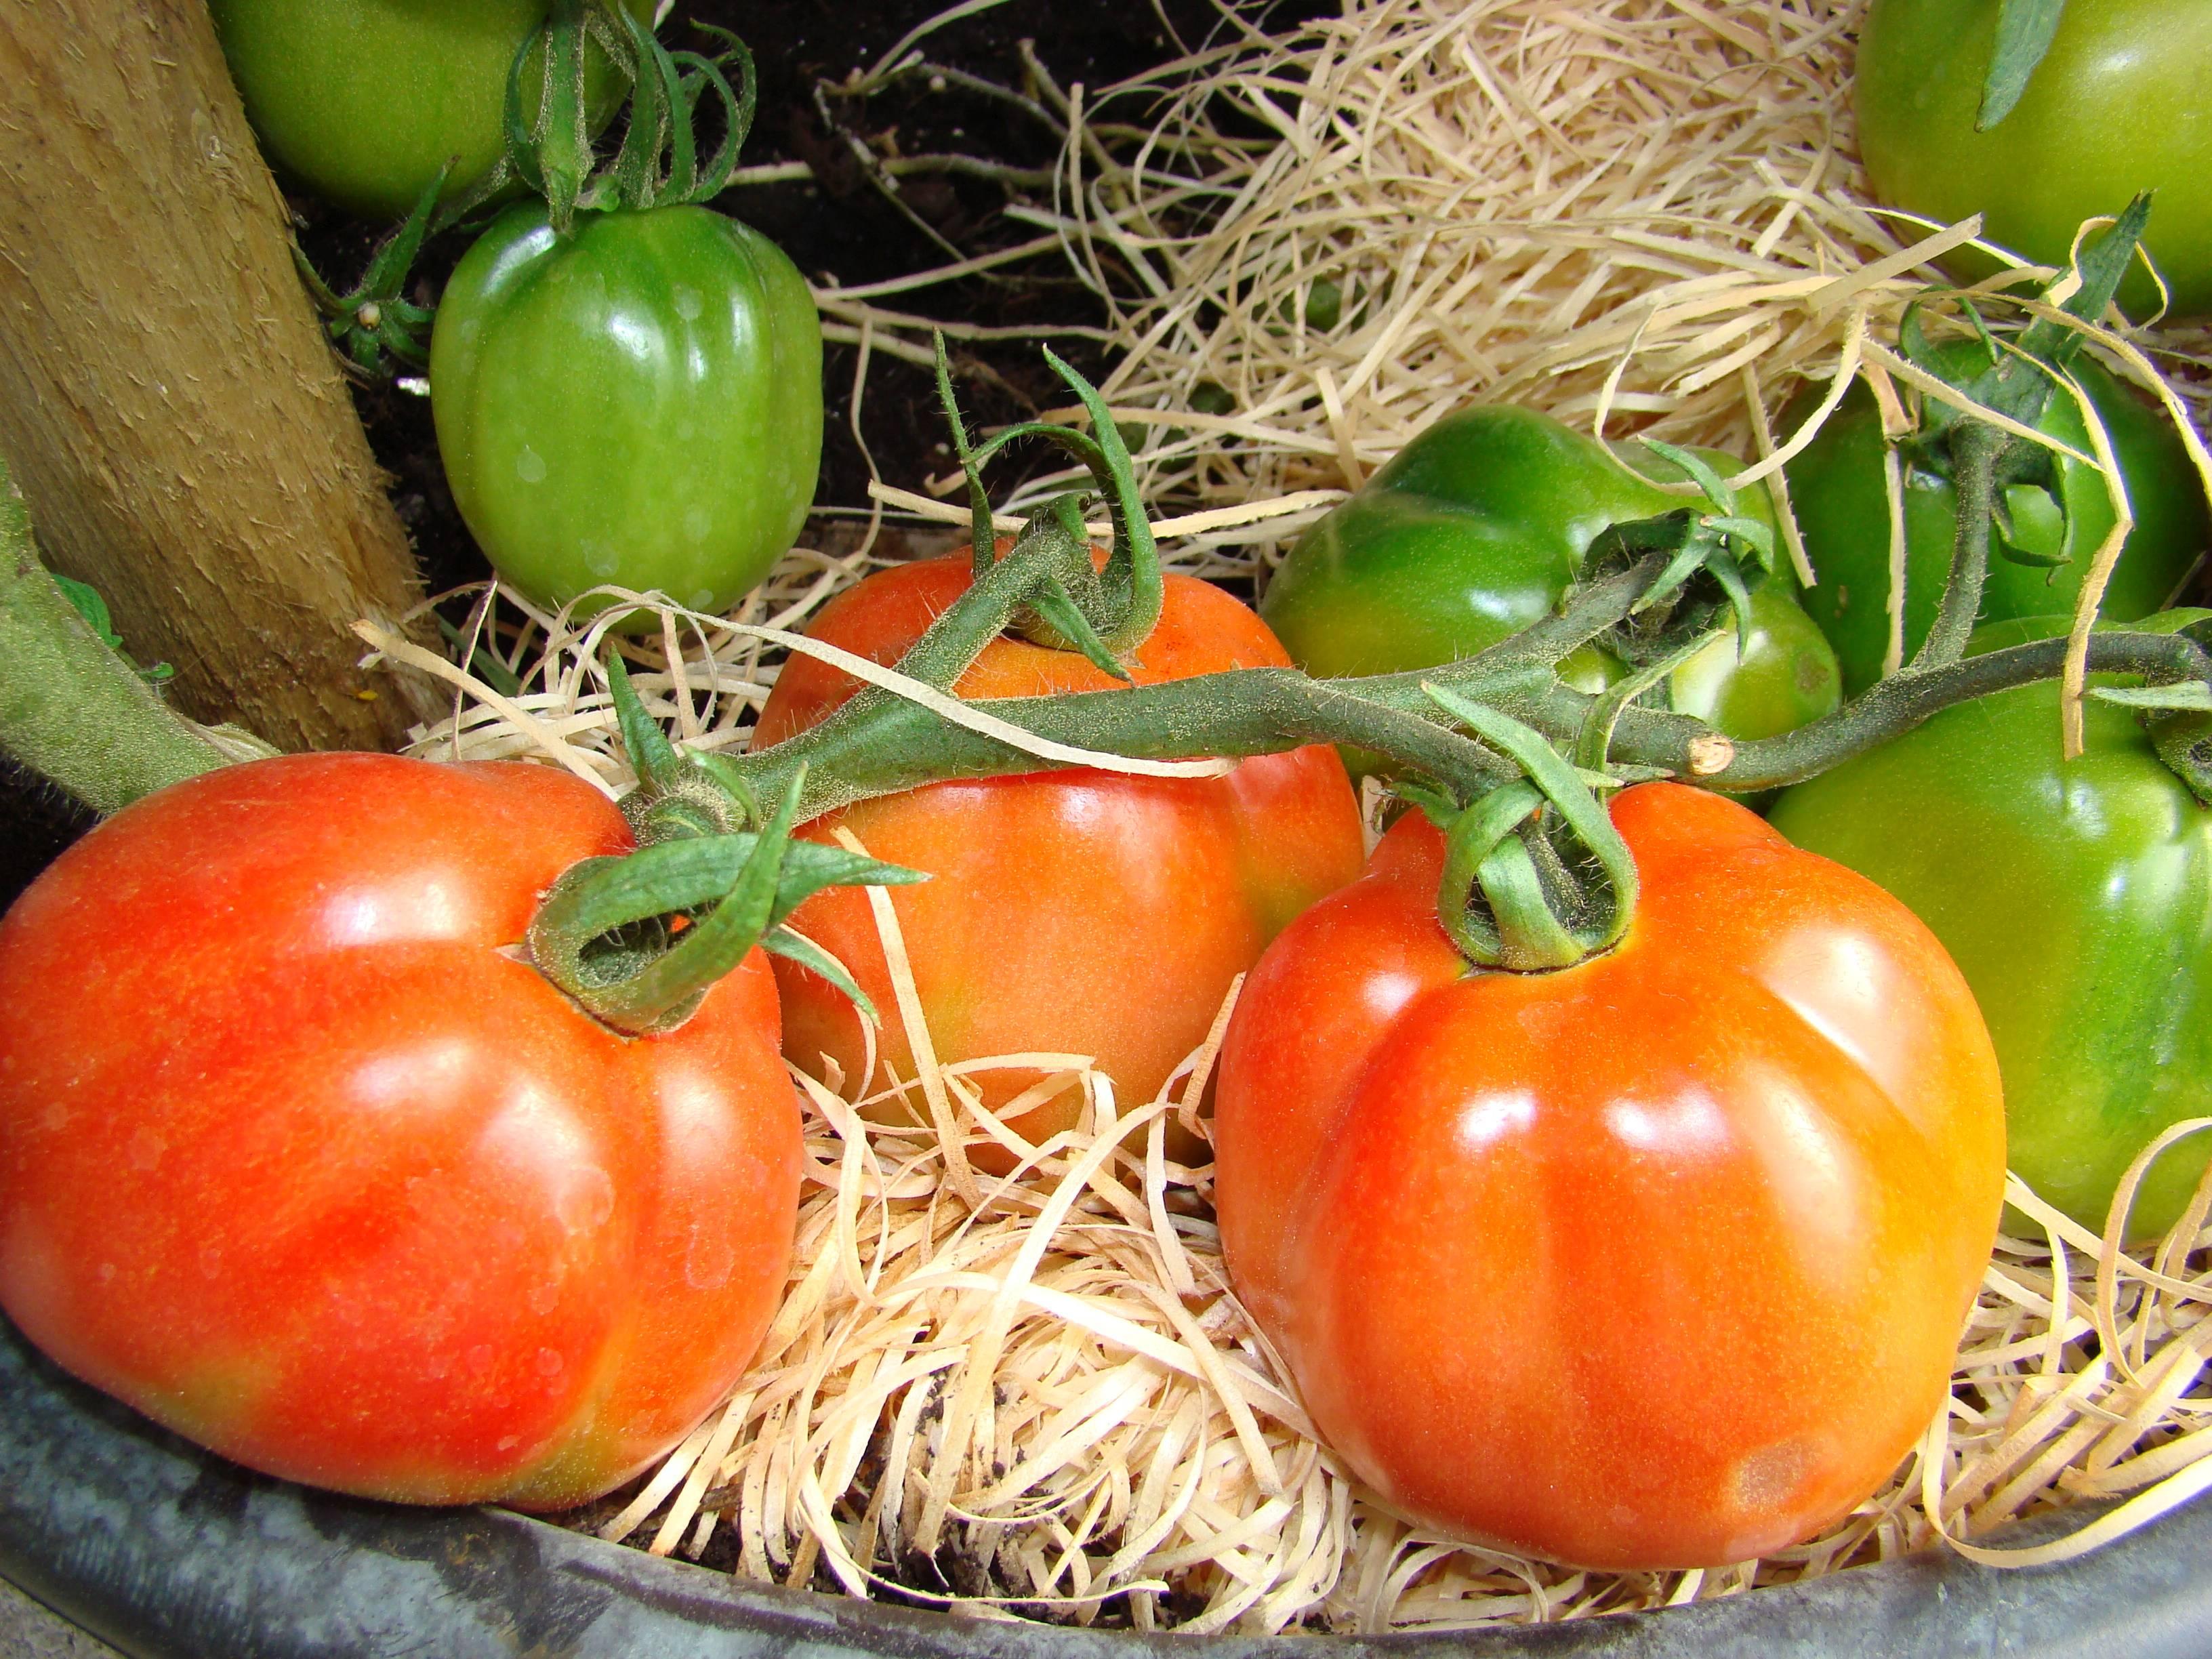 Fabelhaft Tomaten Gelbkragen, Grünkragen, - Gartencenter Zulauf - Pflanzen @MY_44